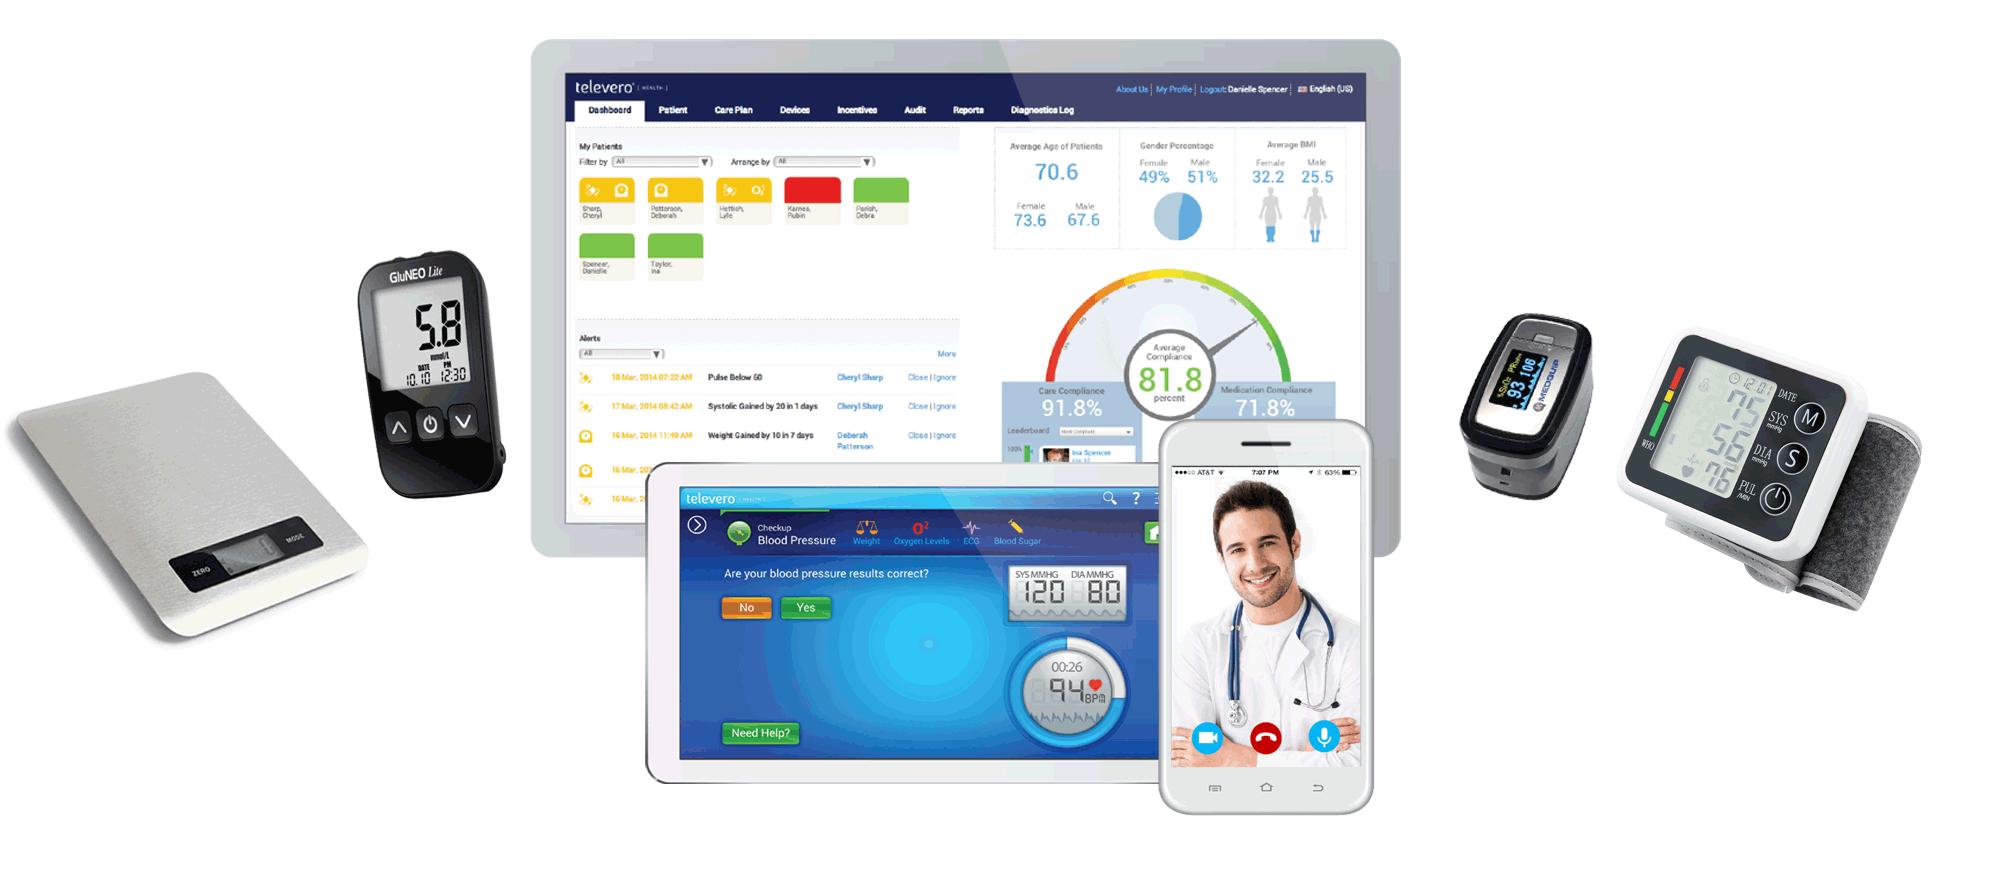 Televero Health – Person-centered Telehealth Service